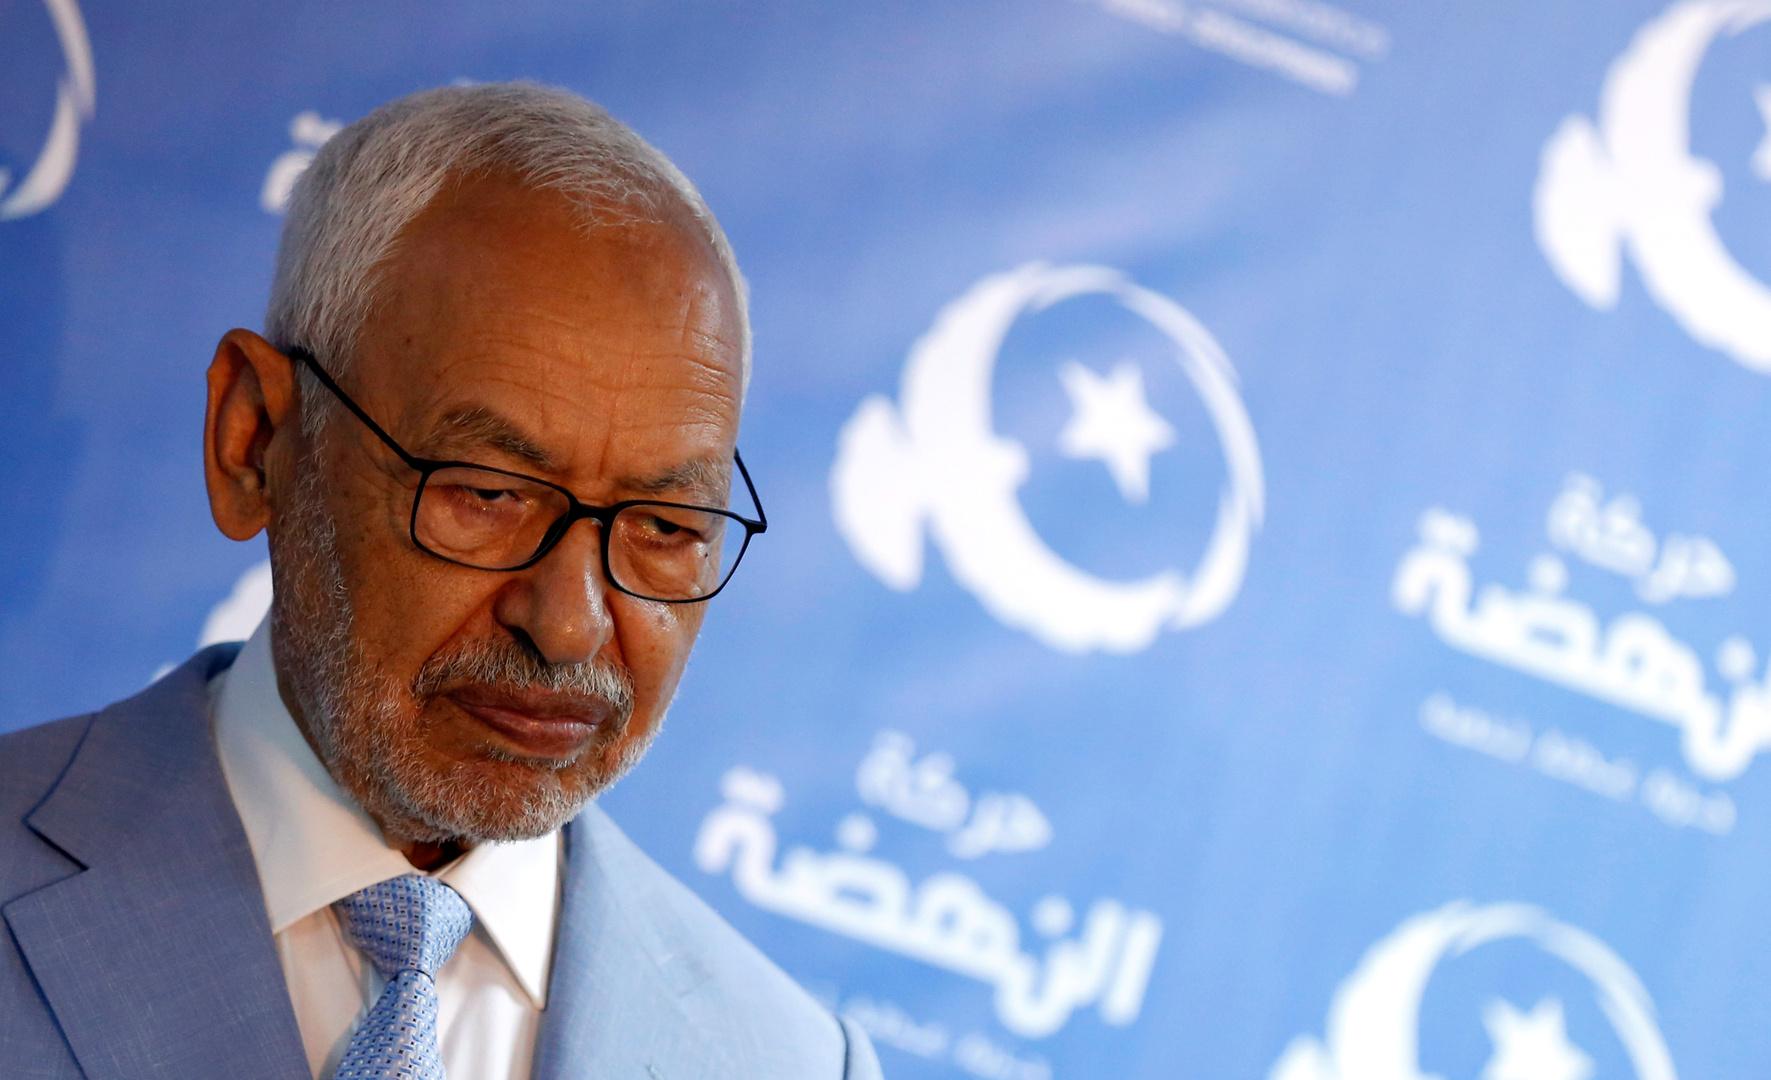 رويترز: الرئيس التونسي يتعهد بحماية المسار الديمقراطي واحترام الشرعية والحقوق والحريات